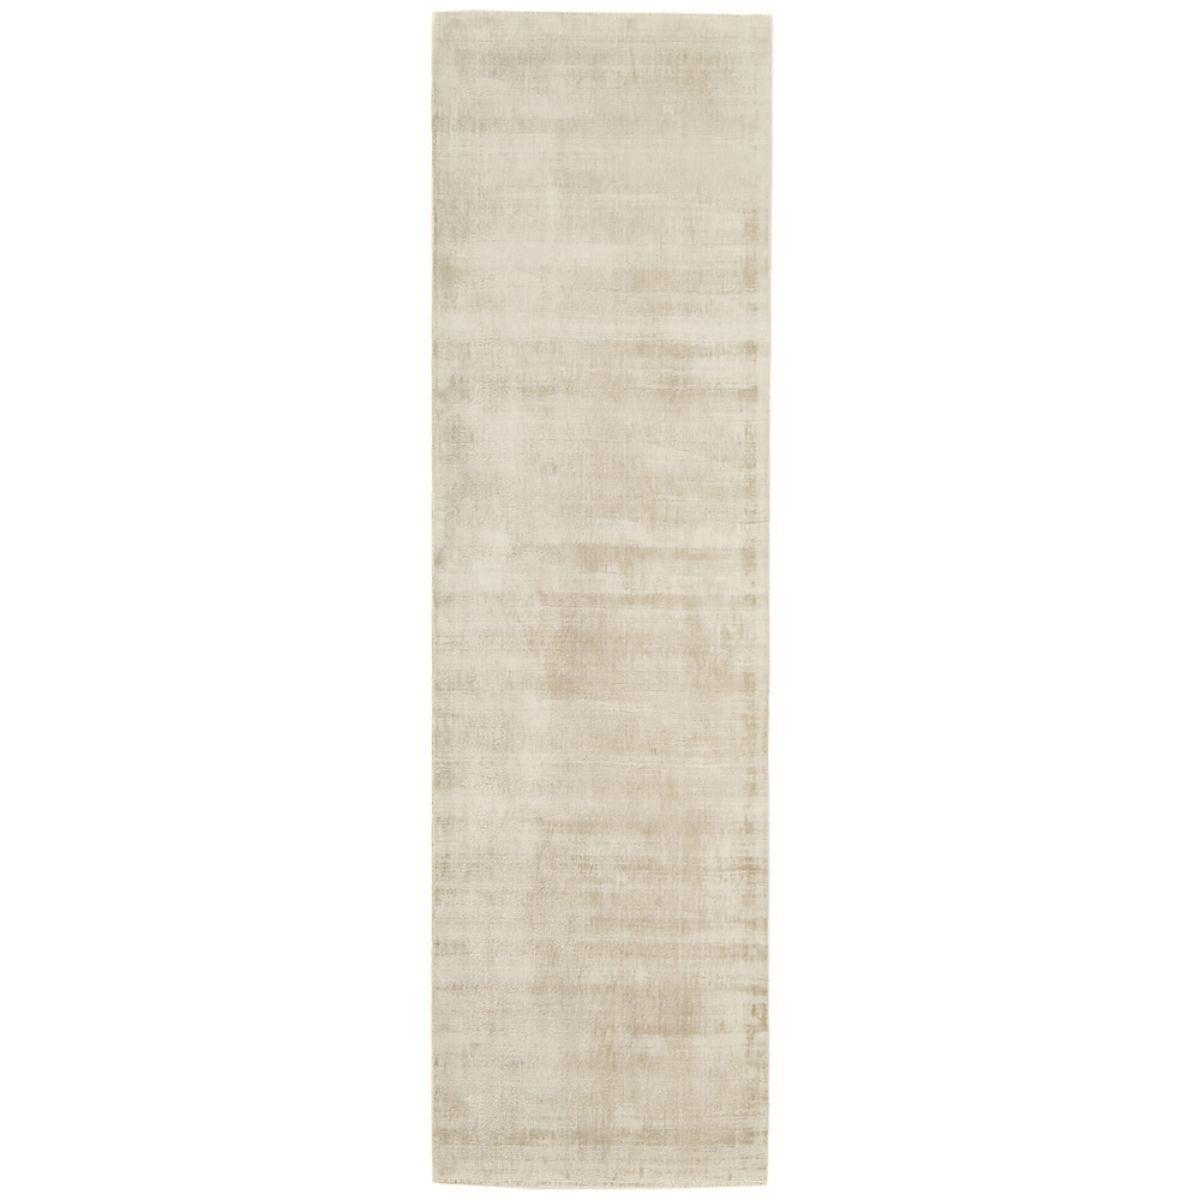 Asiatic Blade Runner Floor Rug, 66 x 240cm - Putty